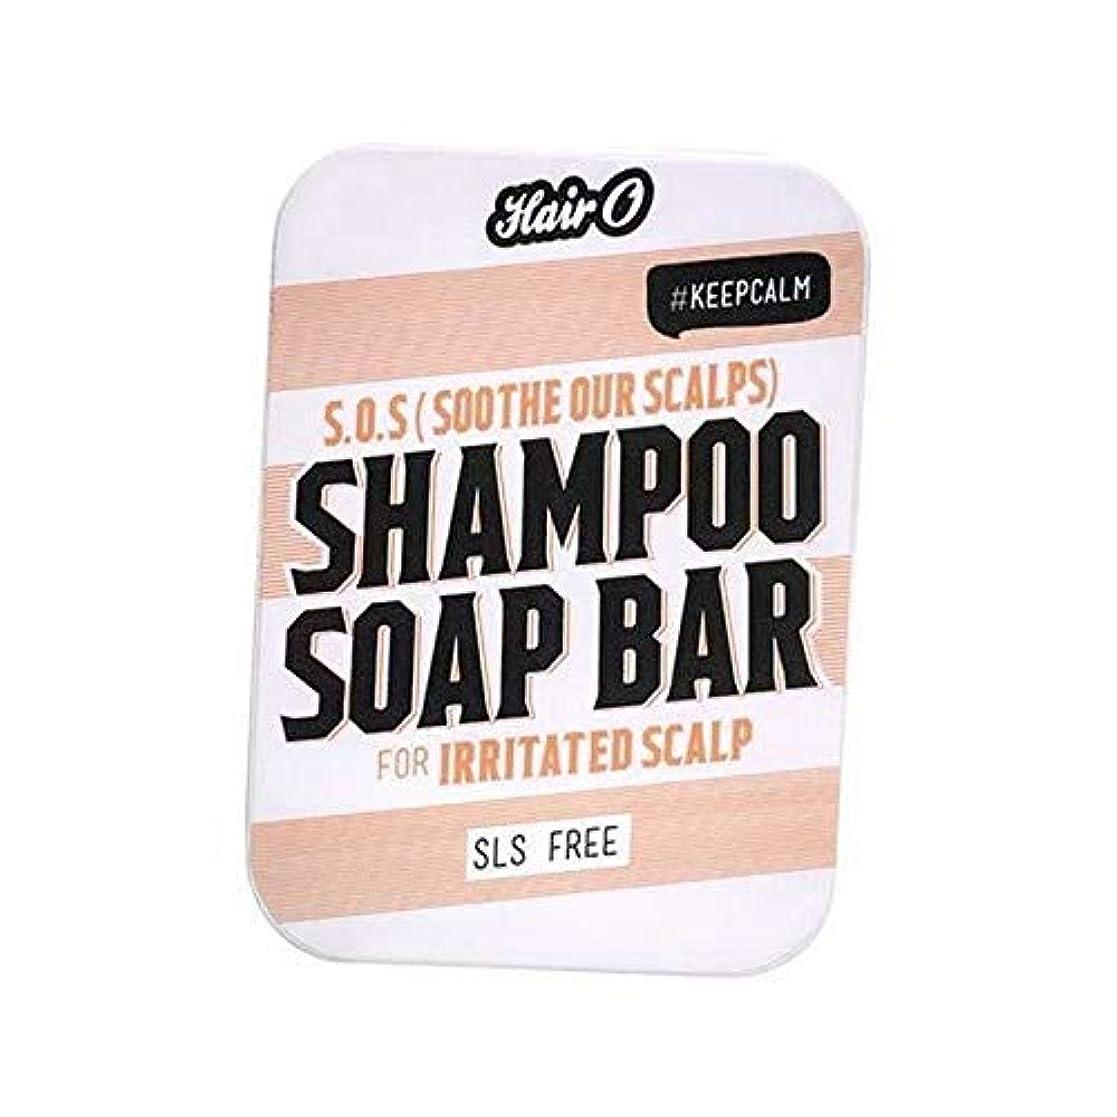 残酷な立ち向かう靴下[Hair O ] S.O.S Oの髪は、私たちの頭皮シャンプー石鹸バー100グラムを落ち着かせます - Hair O S.O.S Soothe Our Scalps Shampoo Soap Bar 100g [並行輸入品]